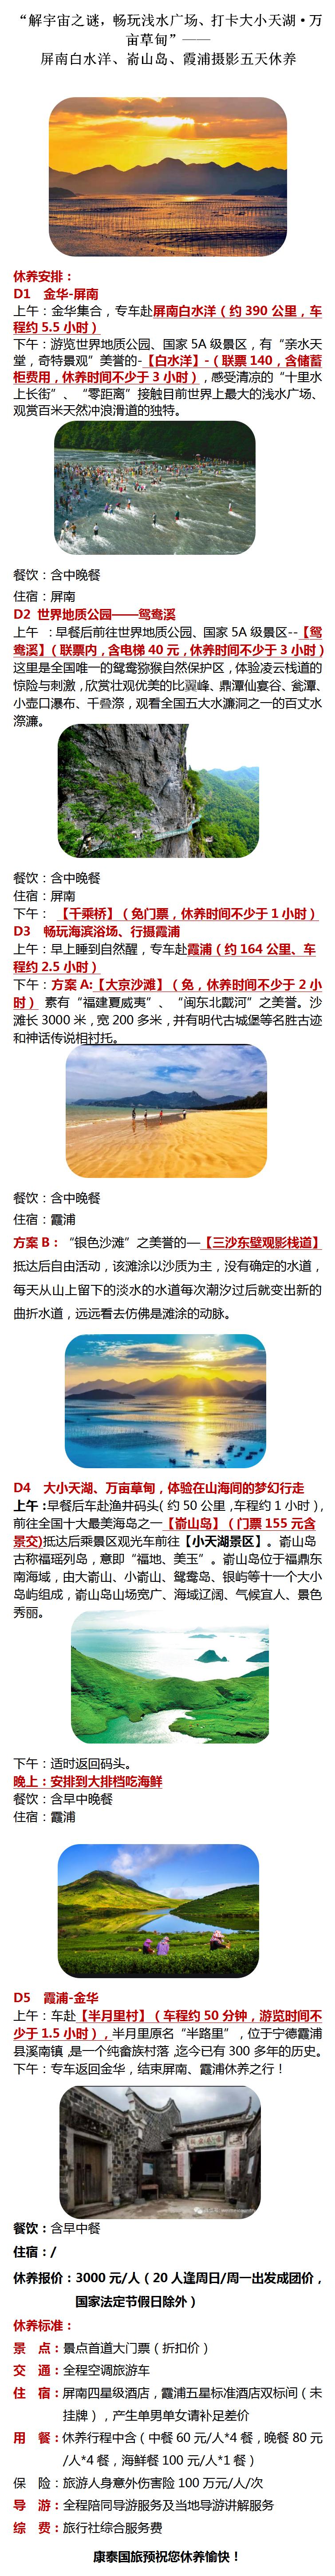 白水洋、嵛山岛、霞浦介绍模板.png